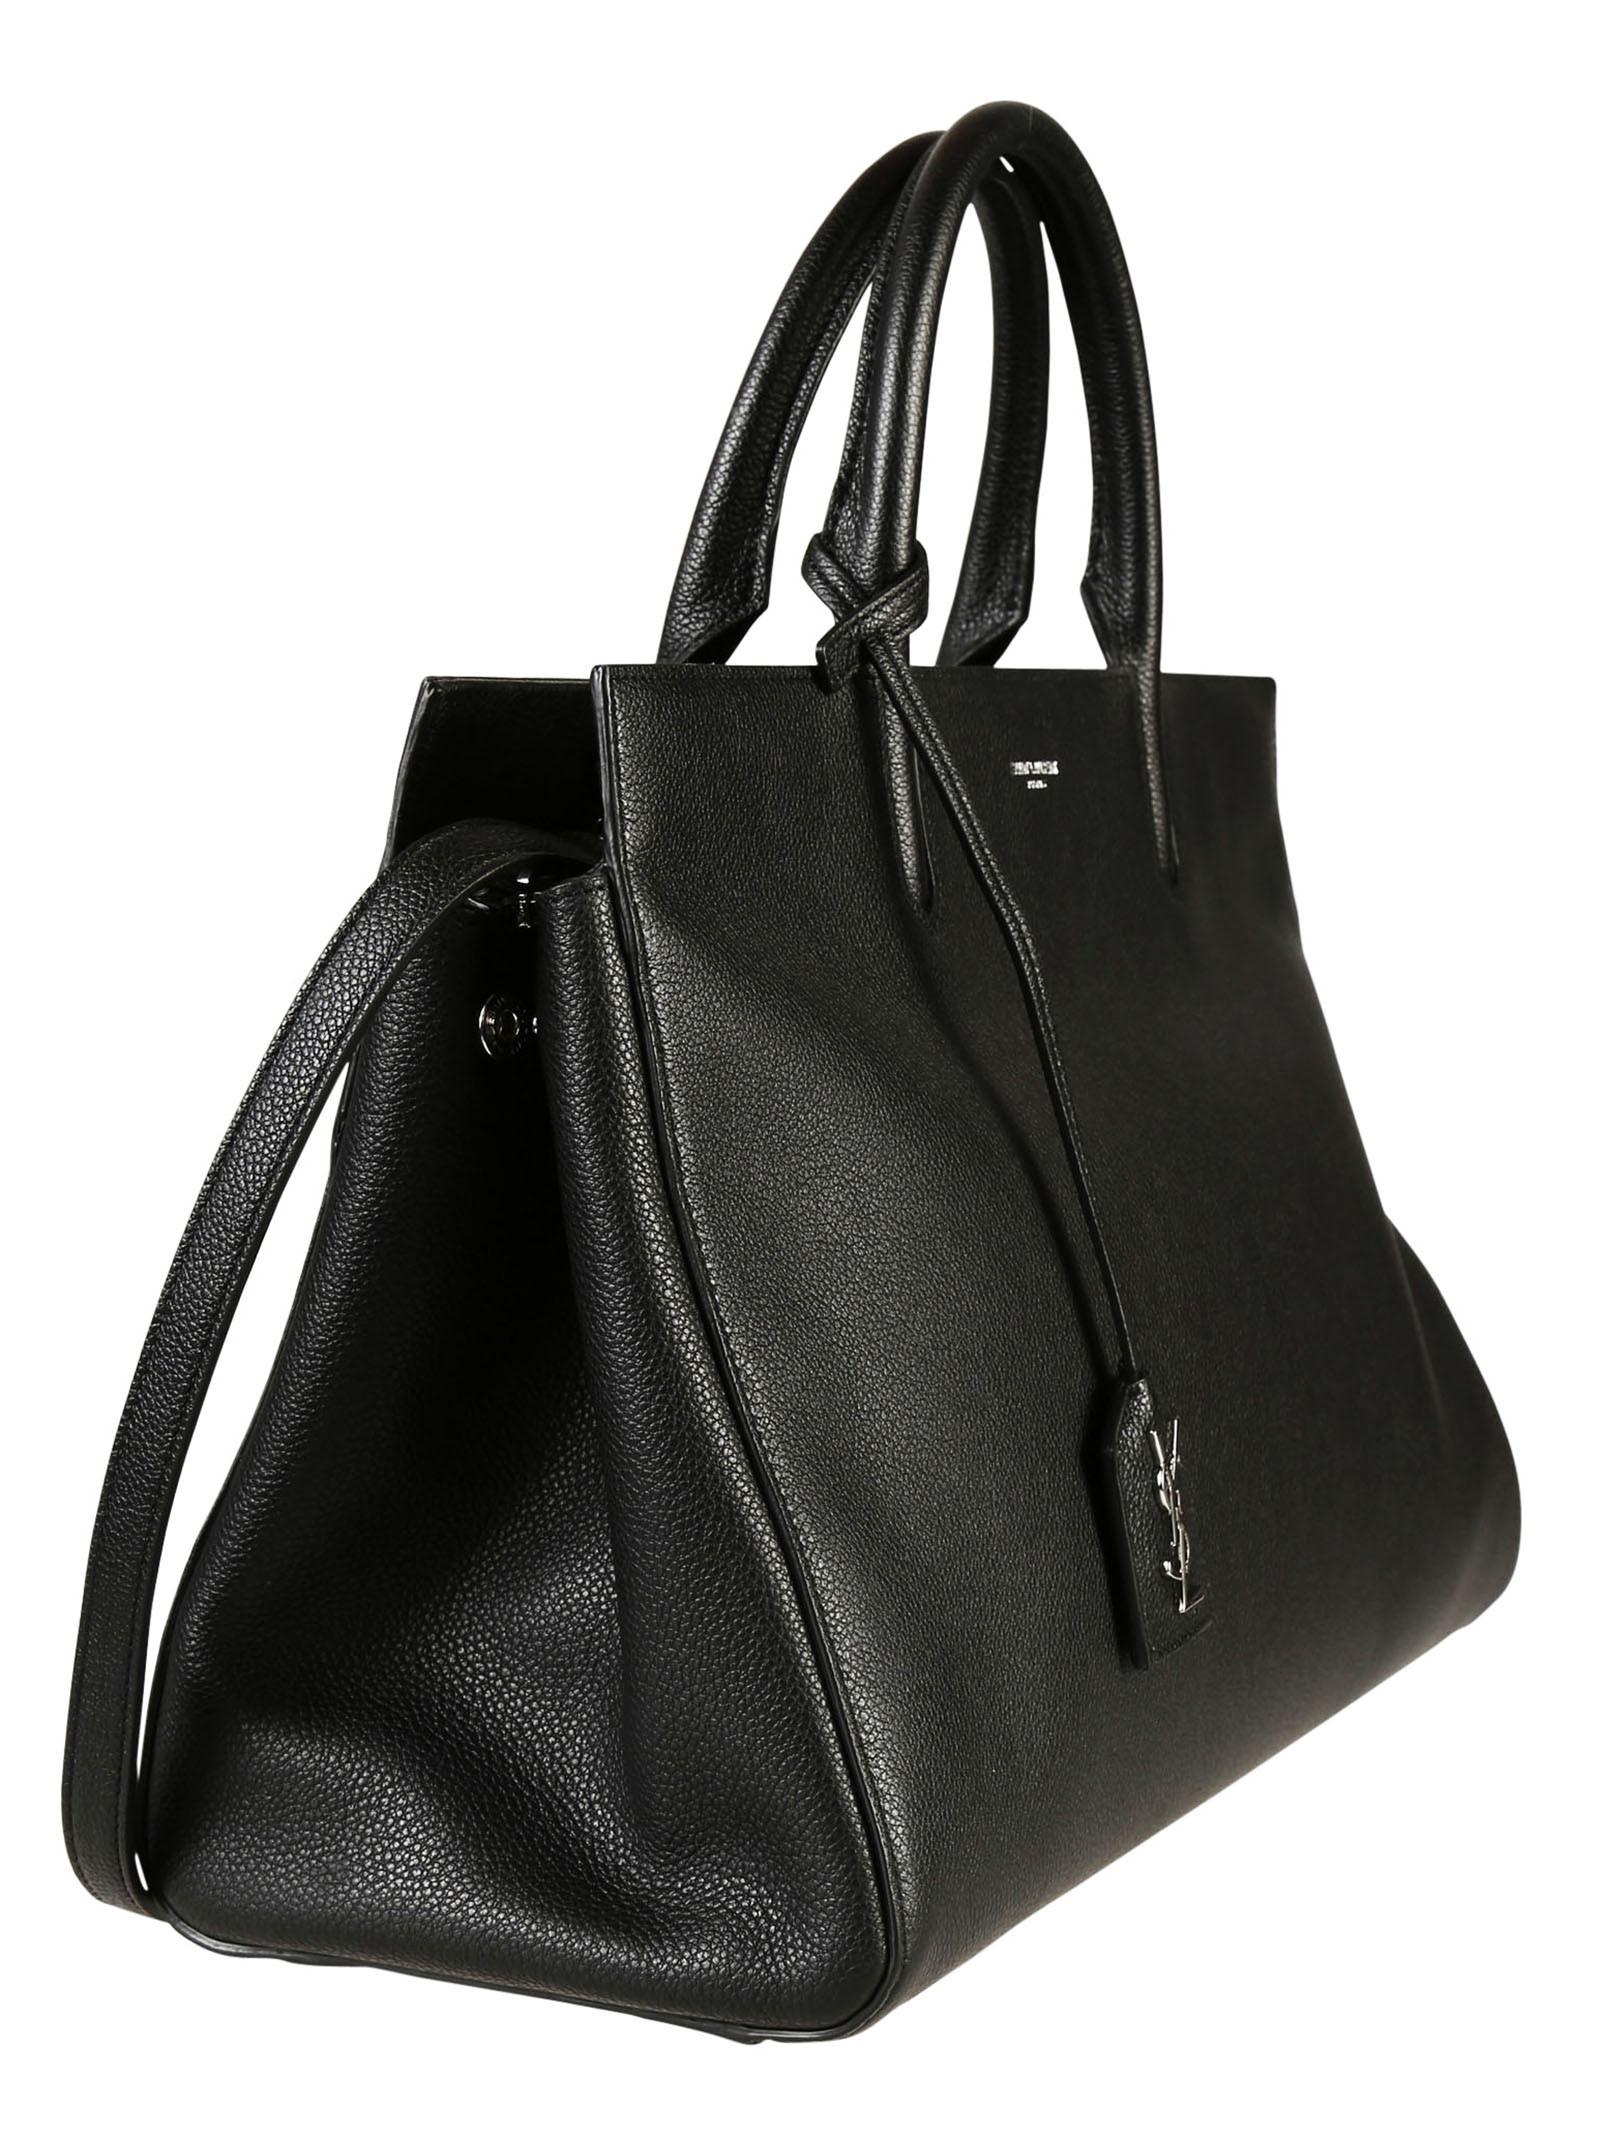 Saint laurent Medium Cabas Rive Gauche Bag In Black Grained ...